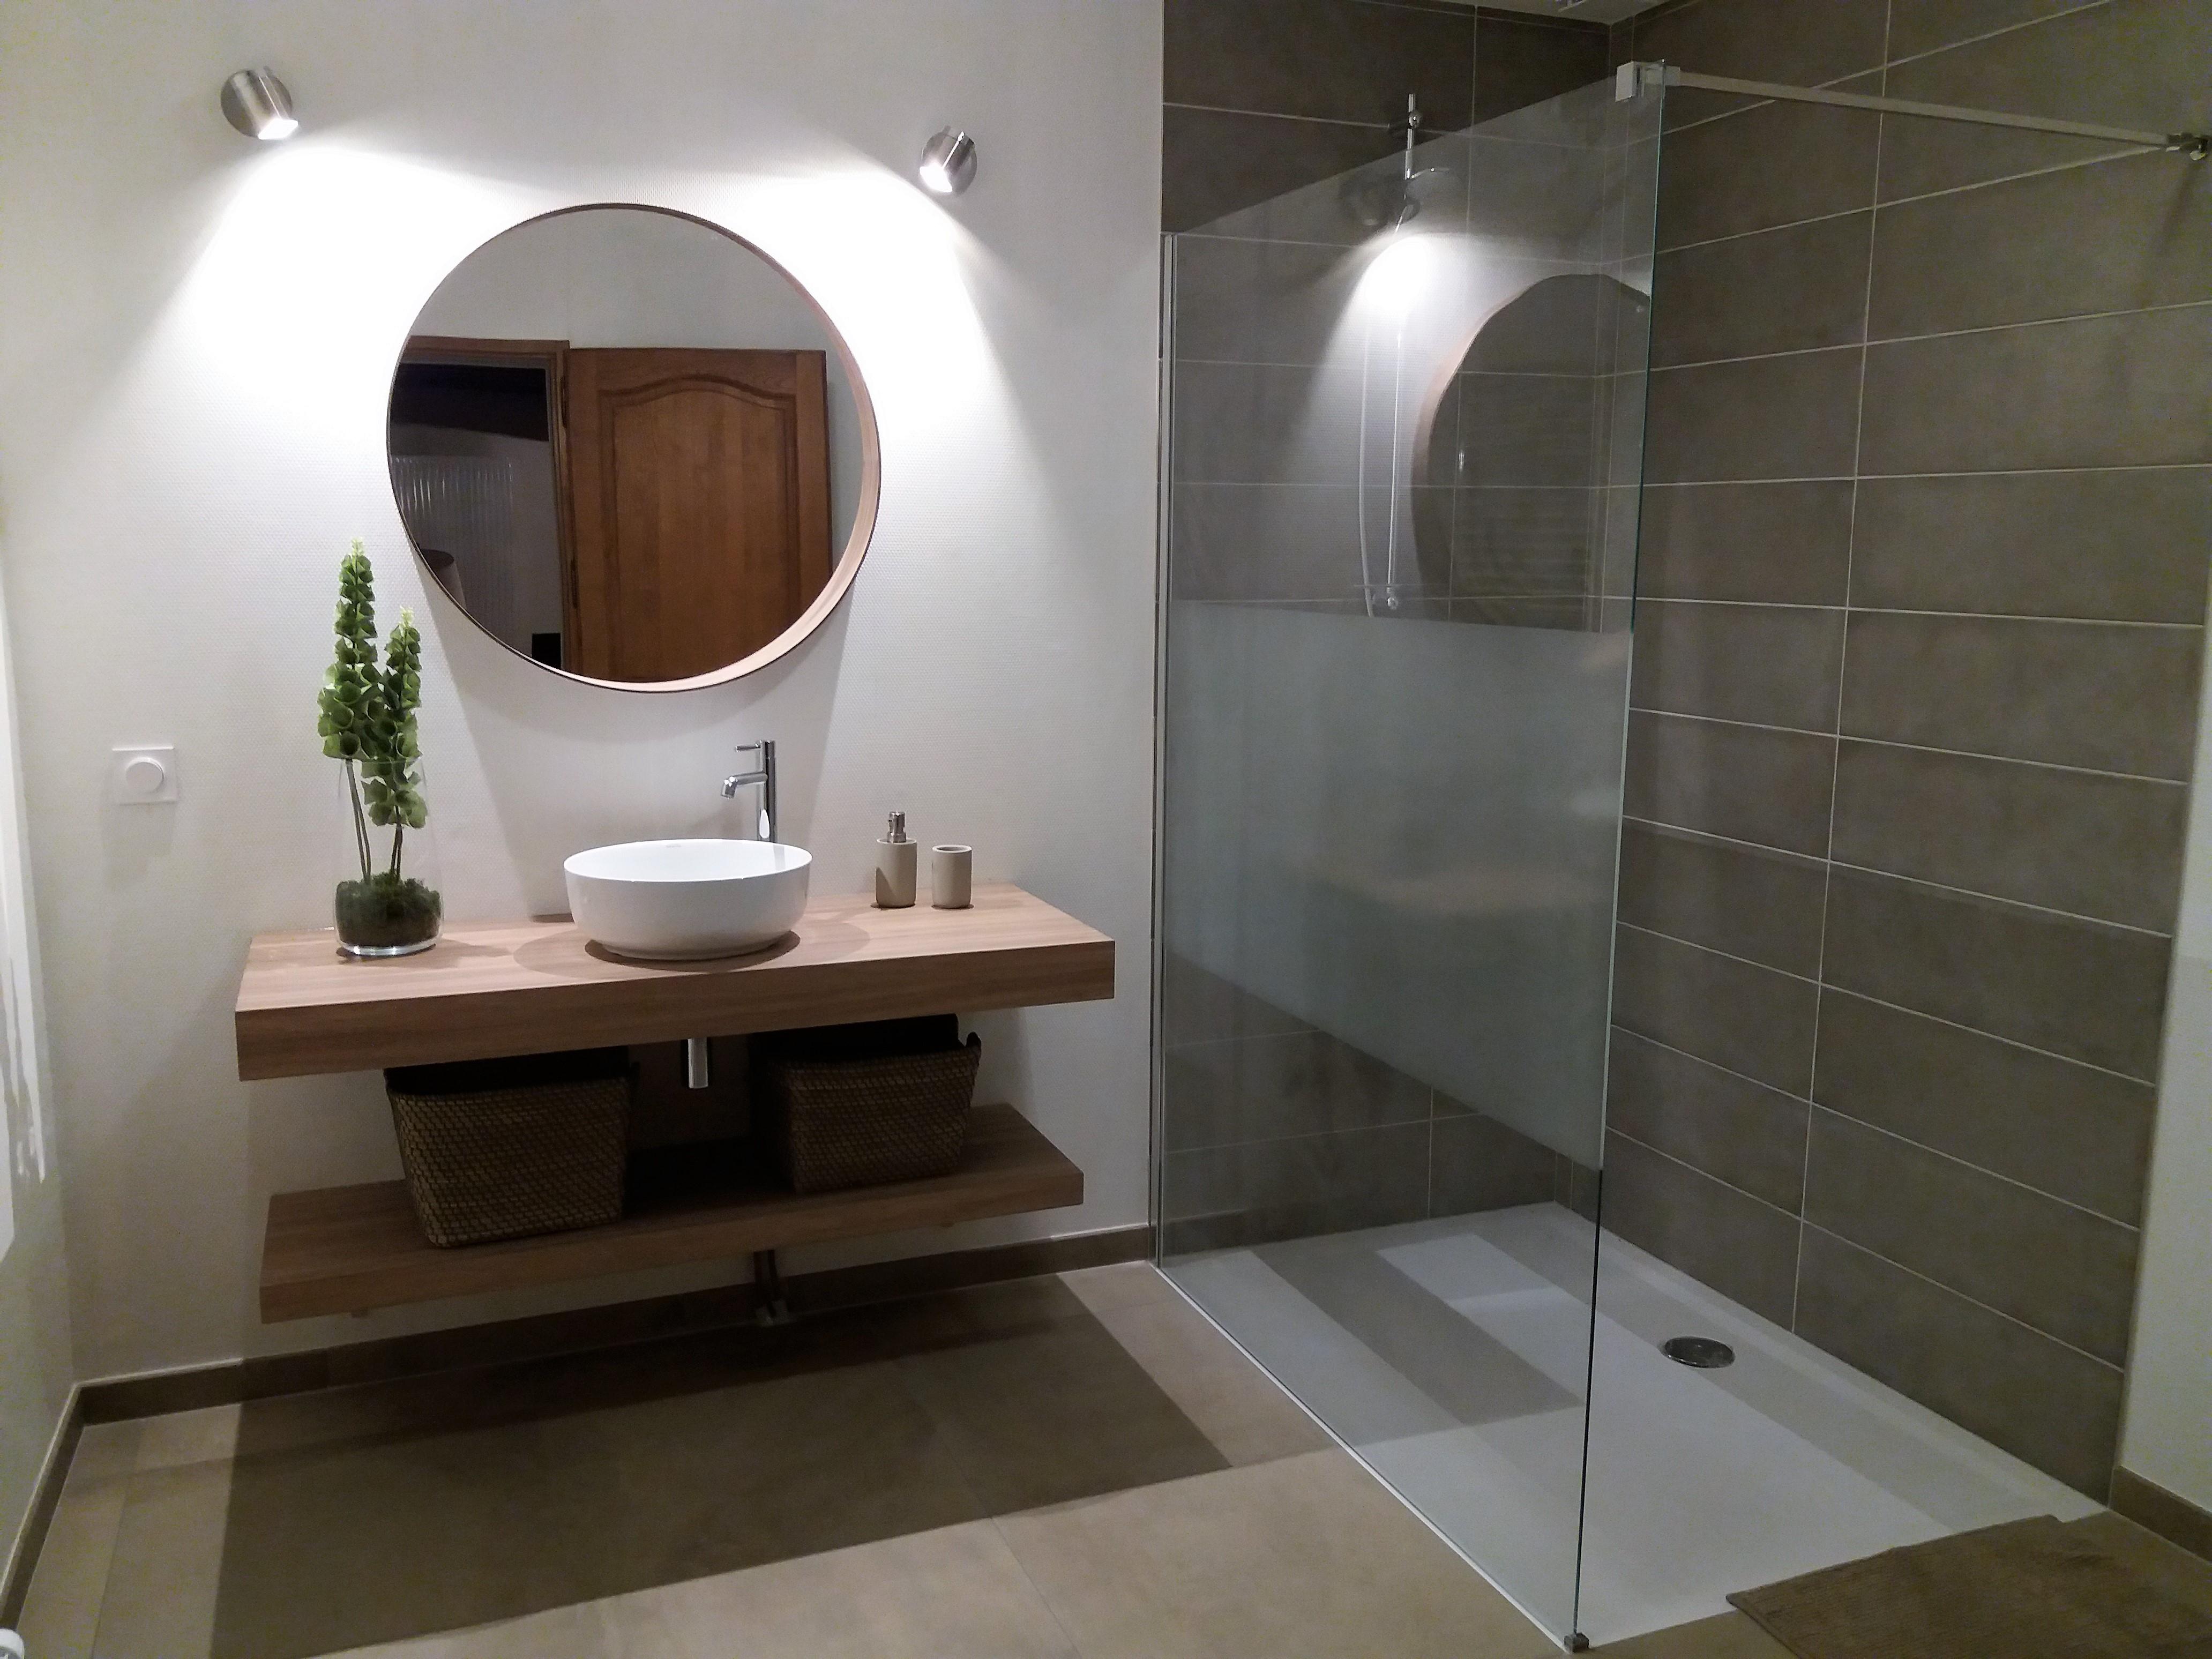 Grande Salle De Bains Avec Accs Pour Personne Mobilit Rduite Vasque Toilettes